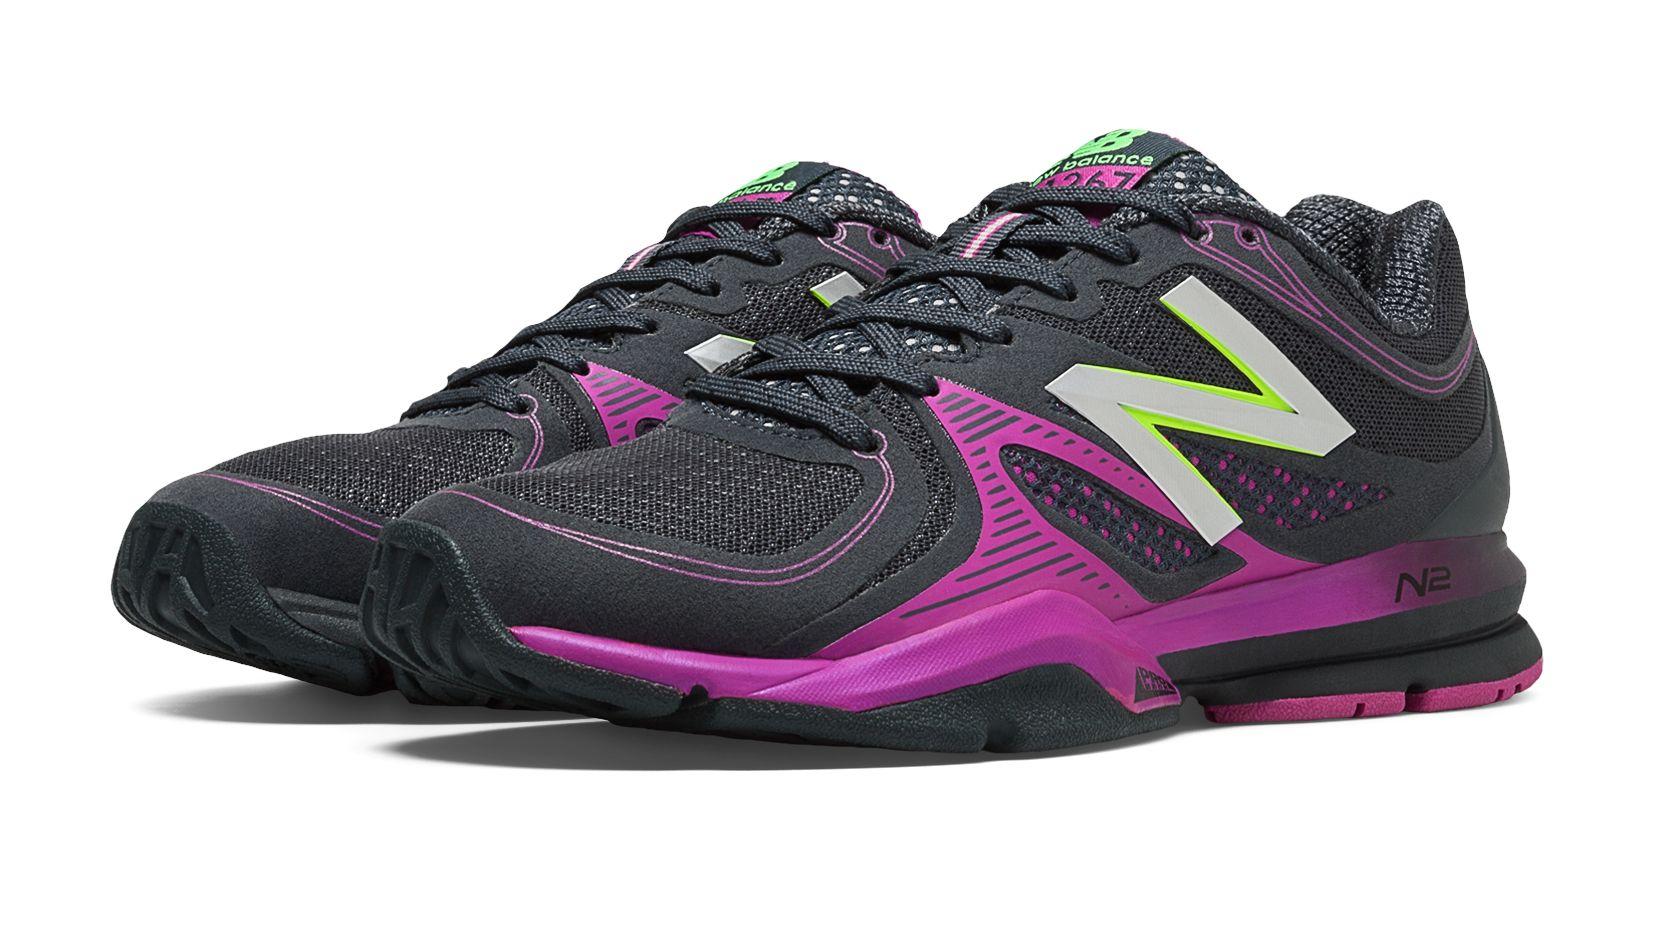 New Balance Women's WX1267 Training Shoe - Choose SZ/Color